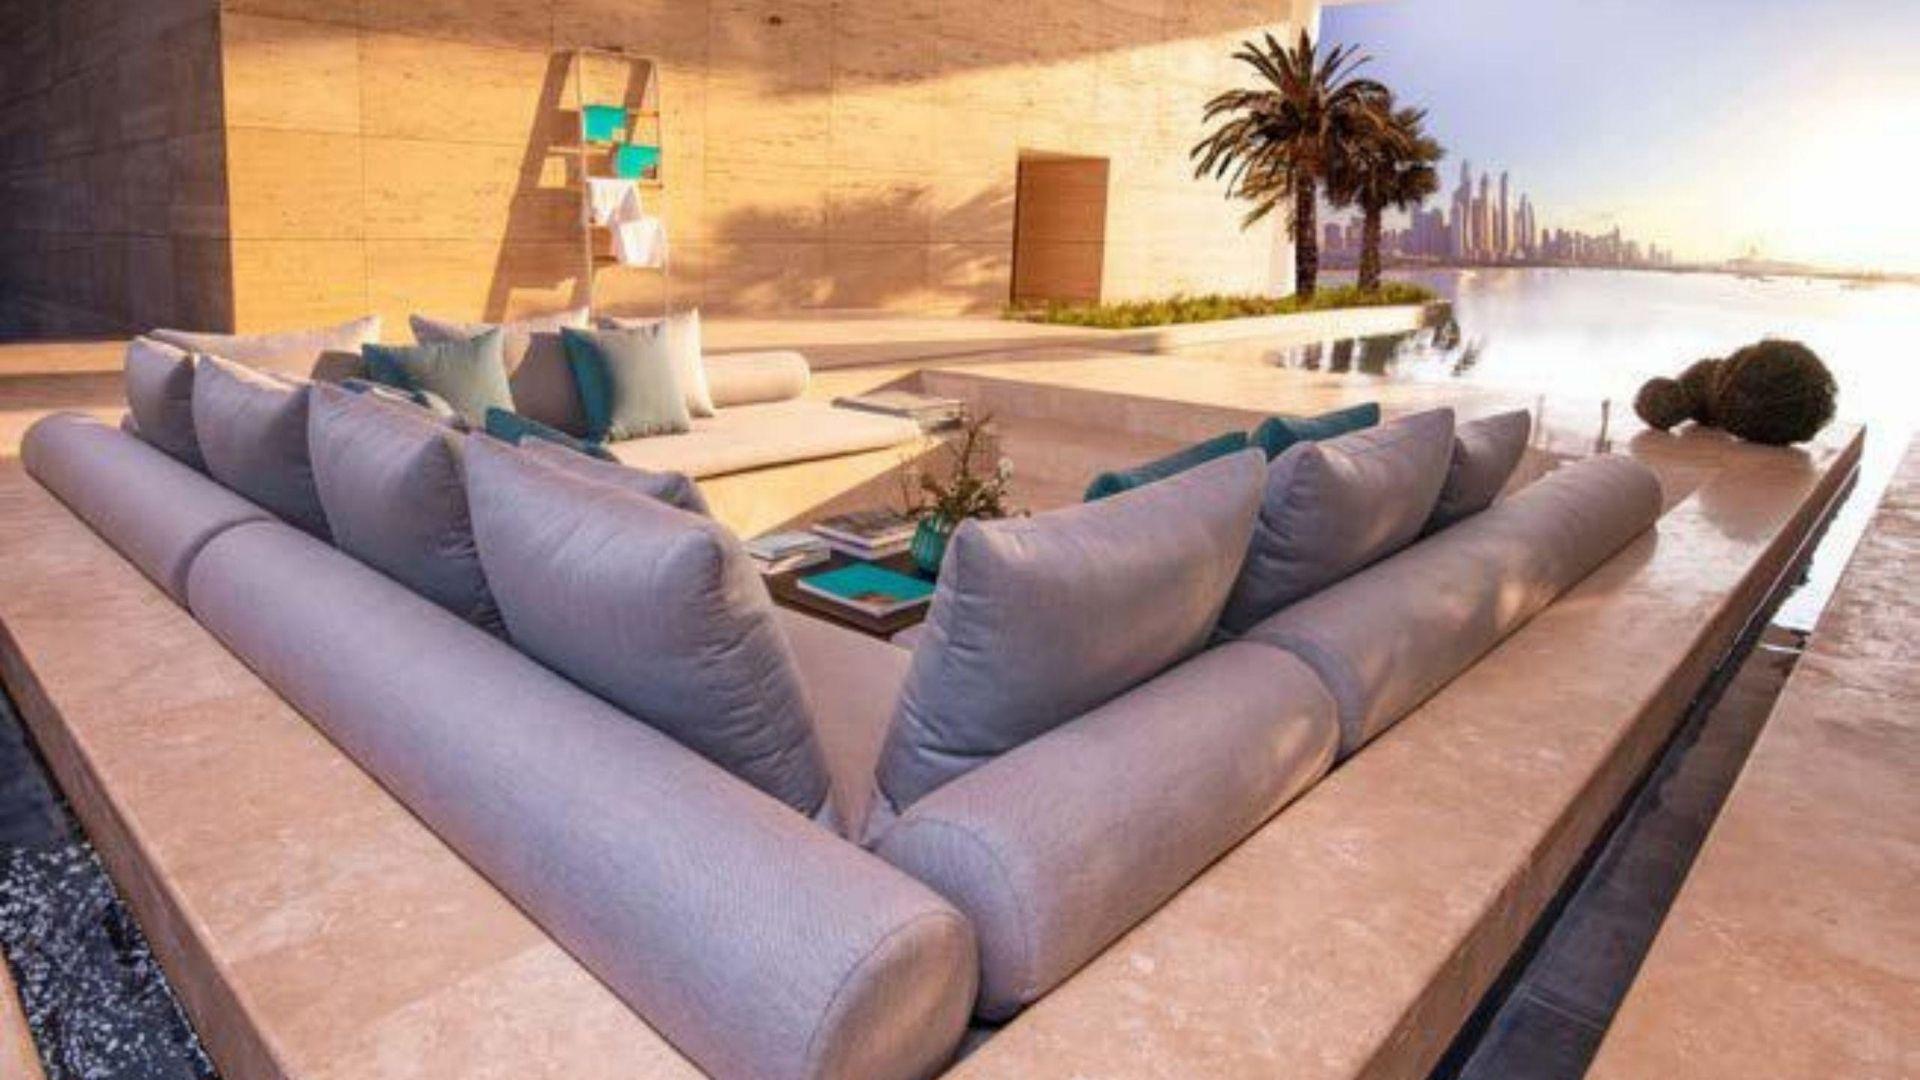 5 - Живите как члены королевской семьи в этих удивительных роскошных домах в Дубае